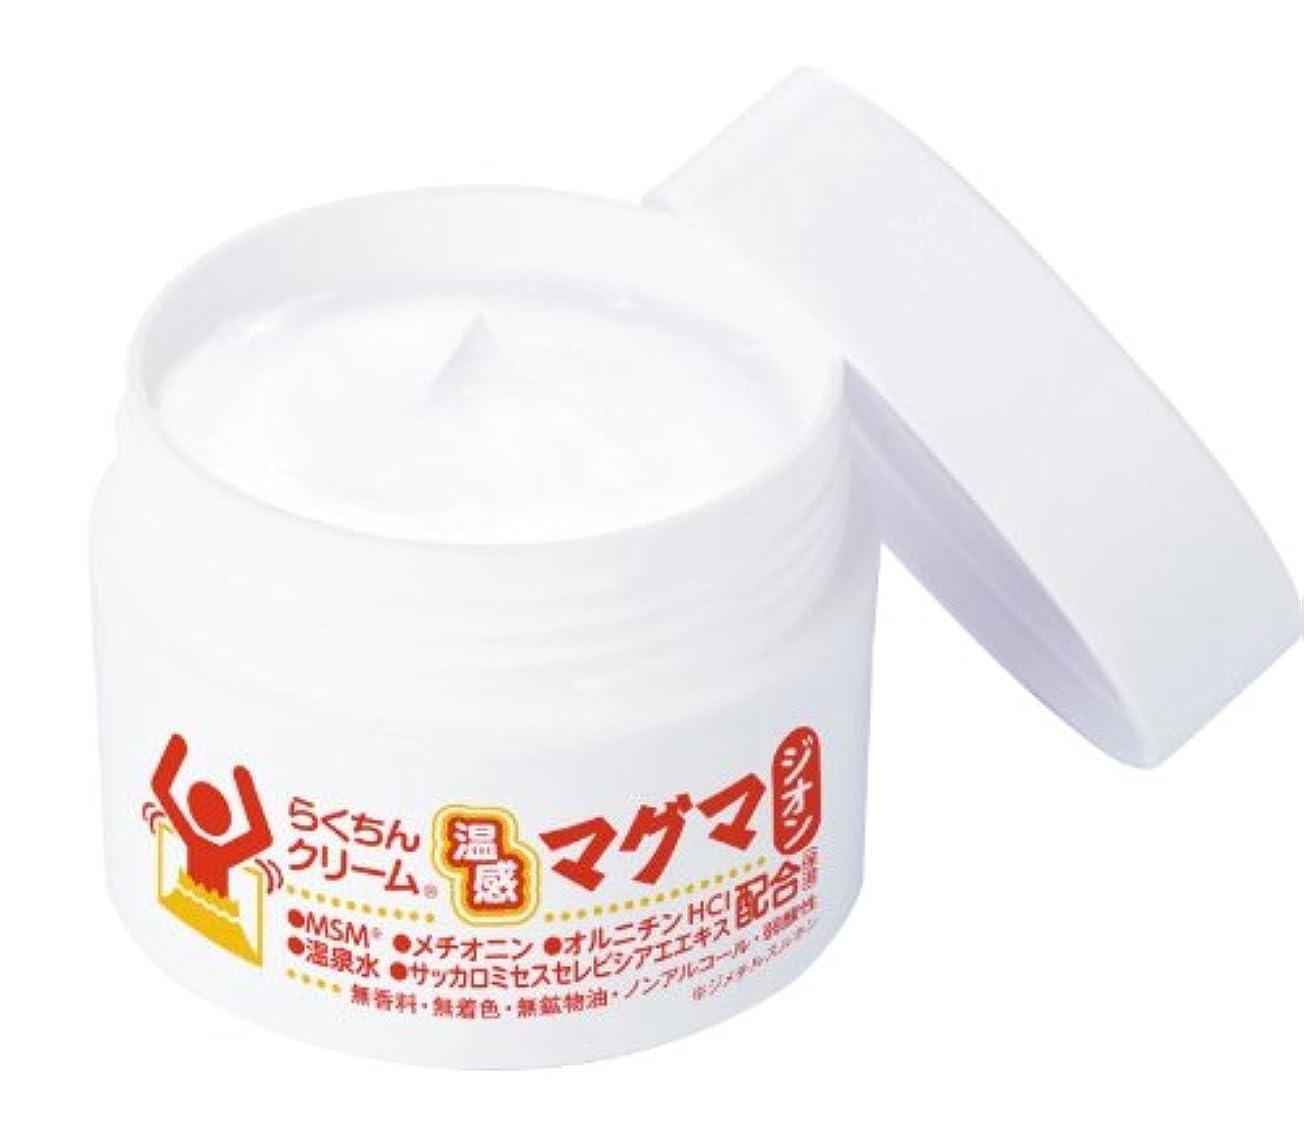 傾いたコピーインシデントらくちんクリーム 温感マグマ ジオン 3個セット ※プロも認めたマッサージクリーム!温感マグマ!自然素材の刺激がリラックス気分をもたらせます!